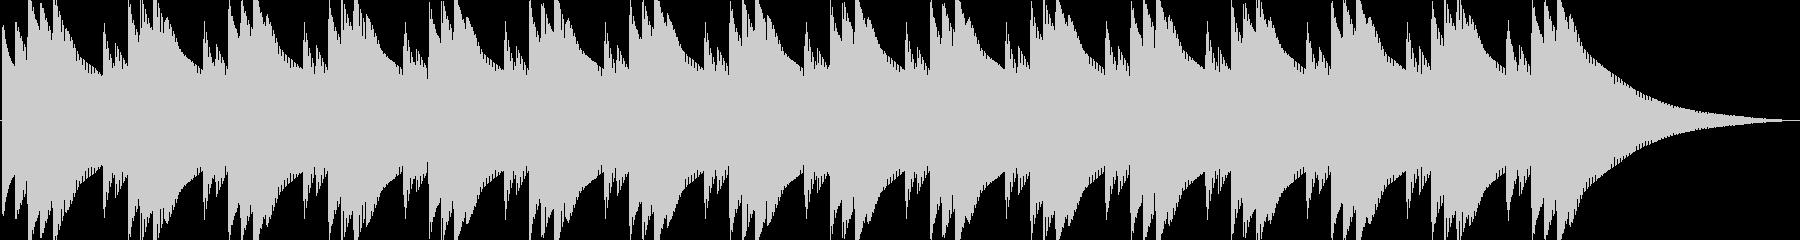 ピロピロピロ(目覚まし時計のアラーム音…の未再生の波形